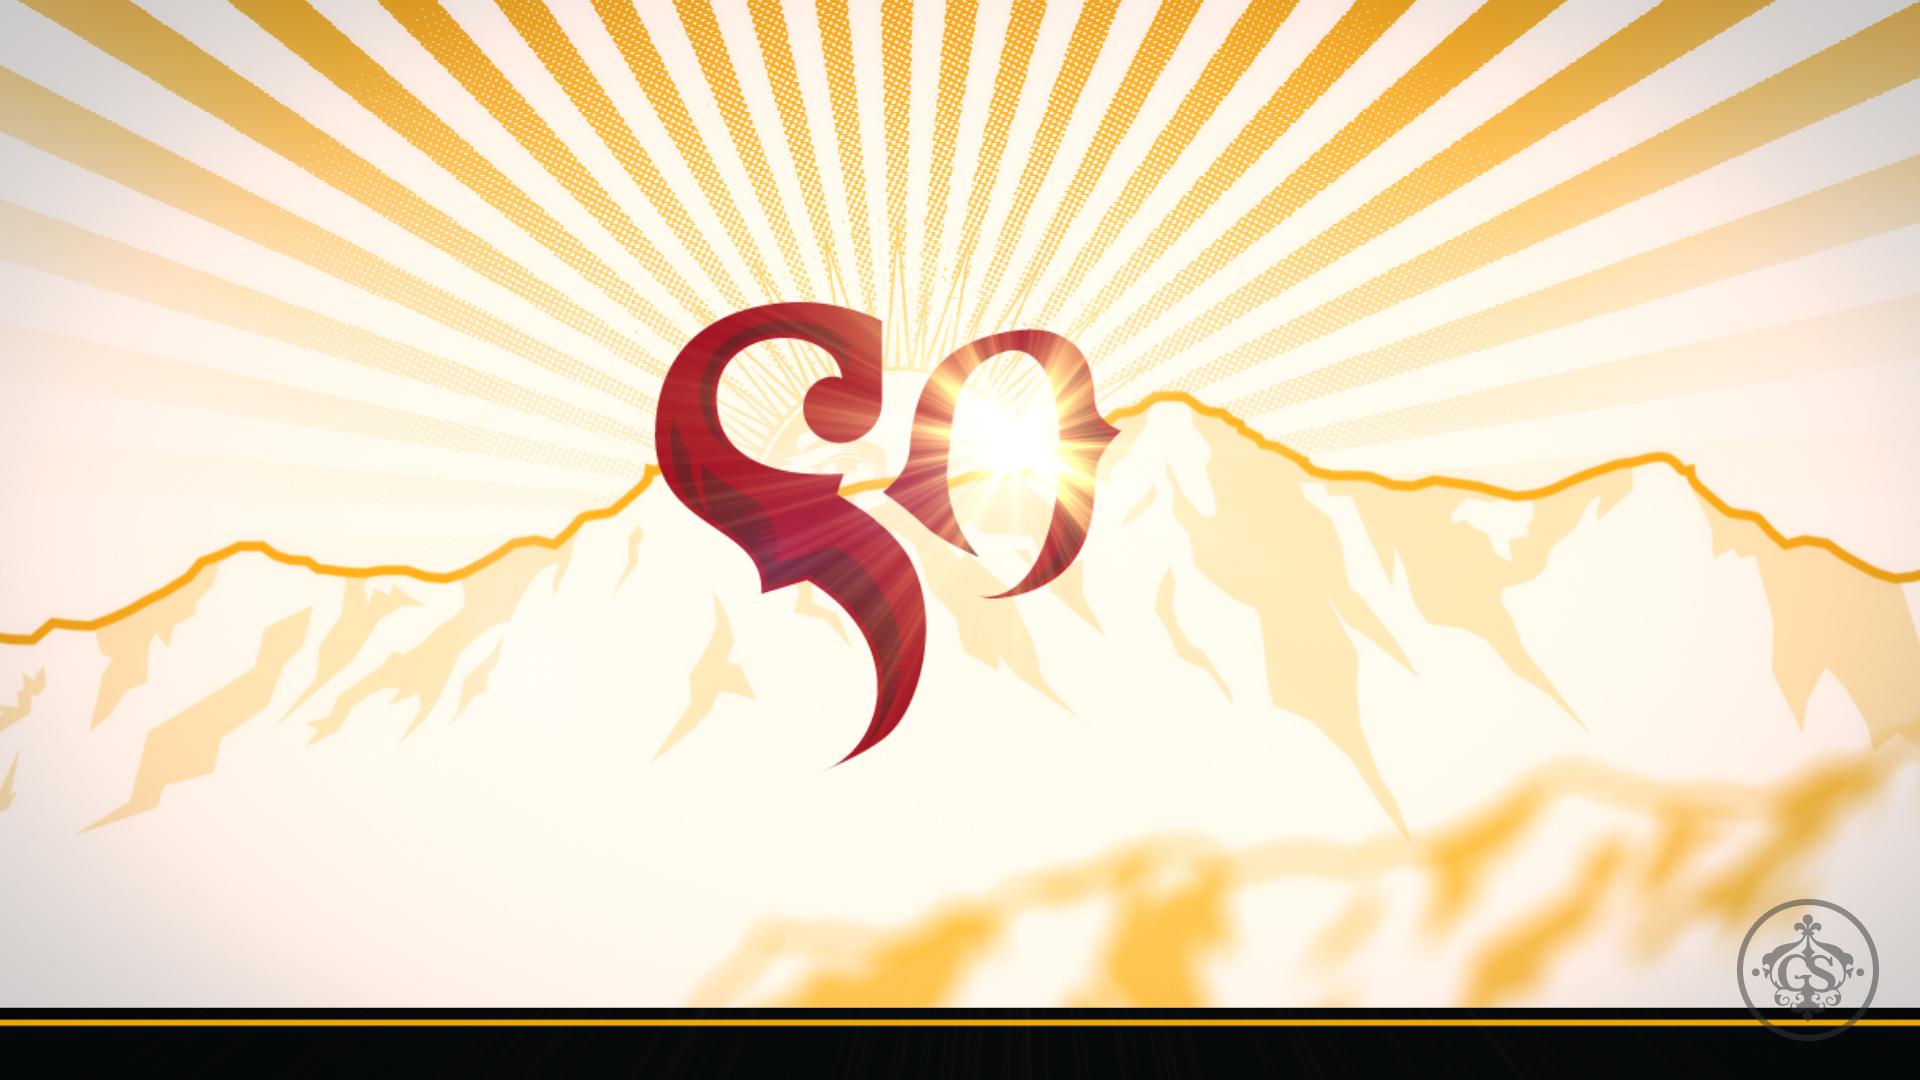 Sol_Design_ac_Mountain_EndCard_03A_Bugged.jpg